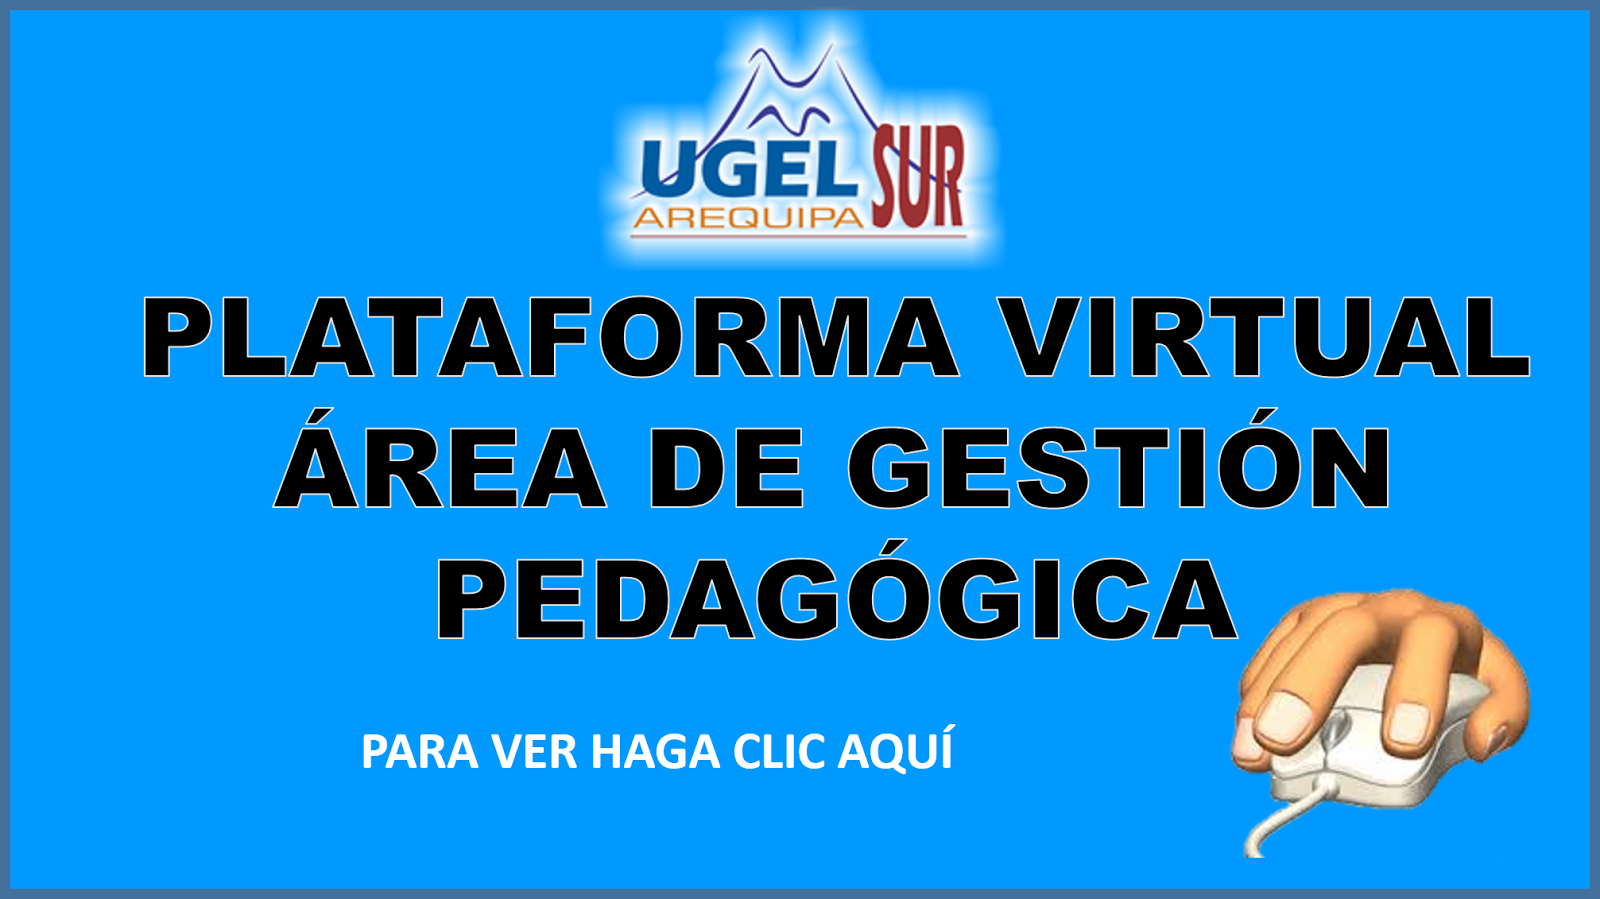 PLATAFORMA VIRTUAL ÁREA DE GESTIÓN PEDAGÓGICA